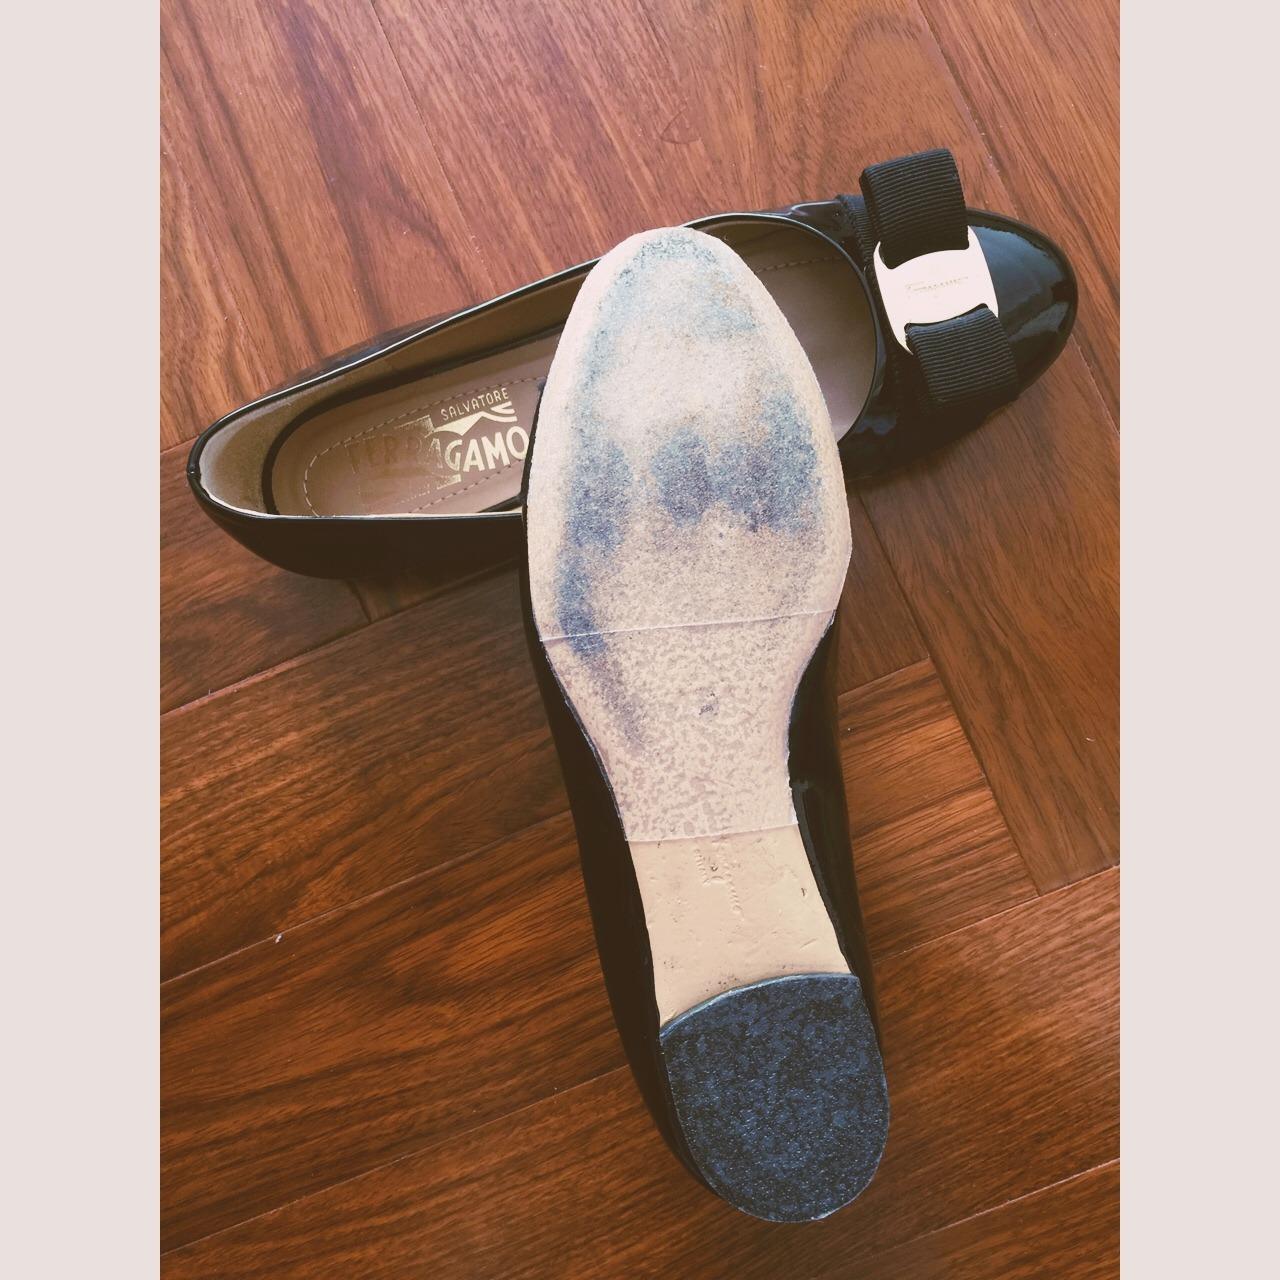 菲拉格慕皮鞋_3m鞋底防磨贴_价格_怎么样_使用方法_萨尔瓦多菲拉格慕